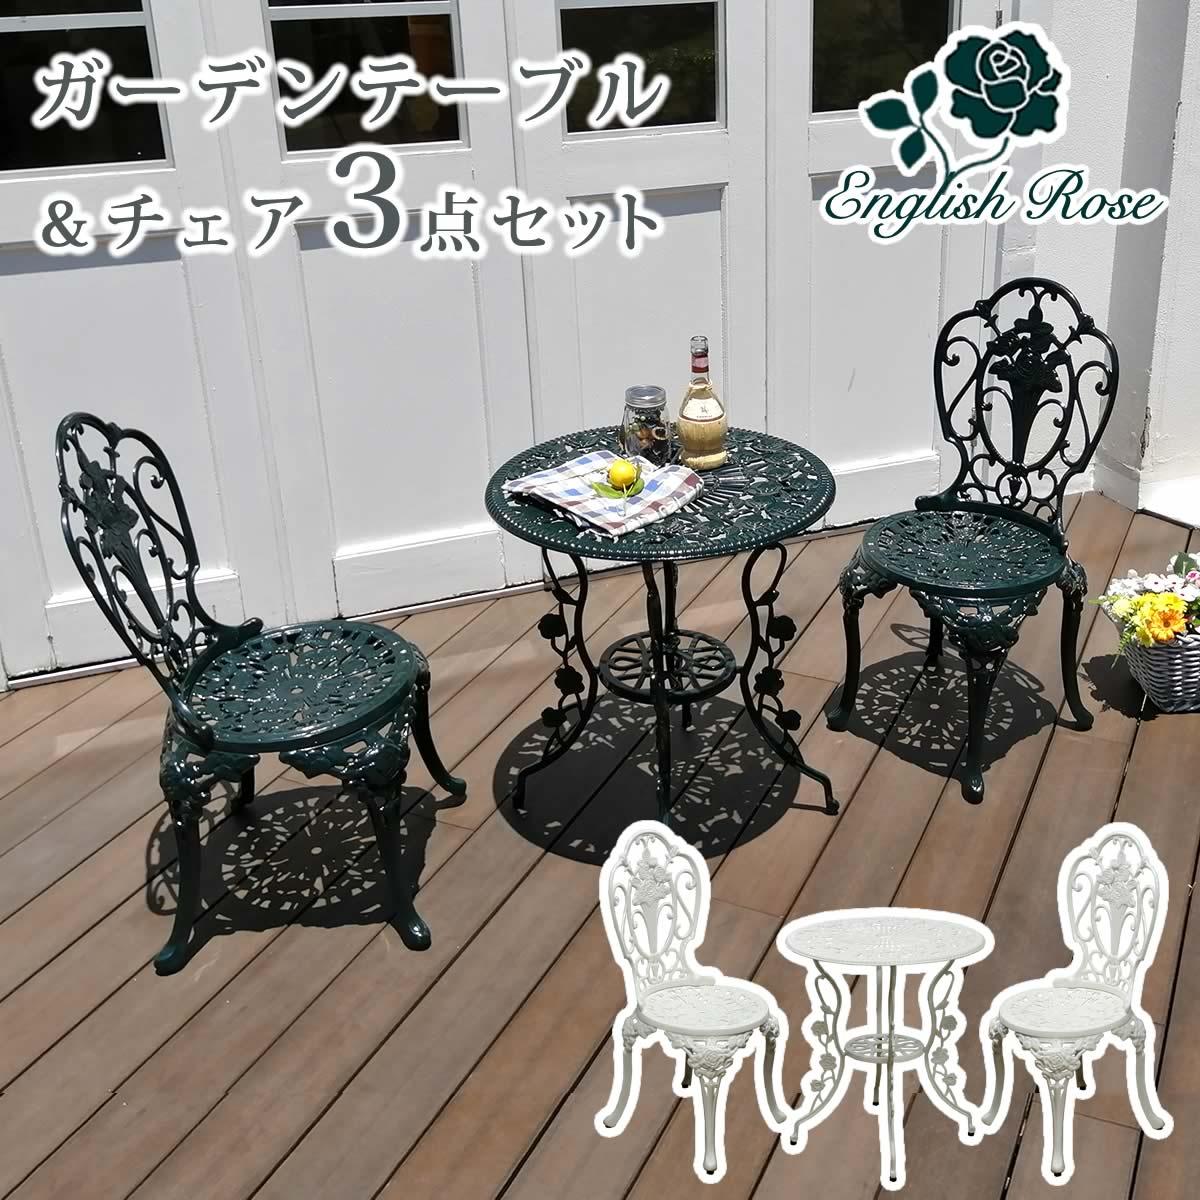 アルミ製テーブル&チェア3点セット イングリッシュ・ローズ RT001-3PSET